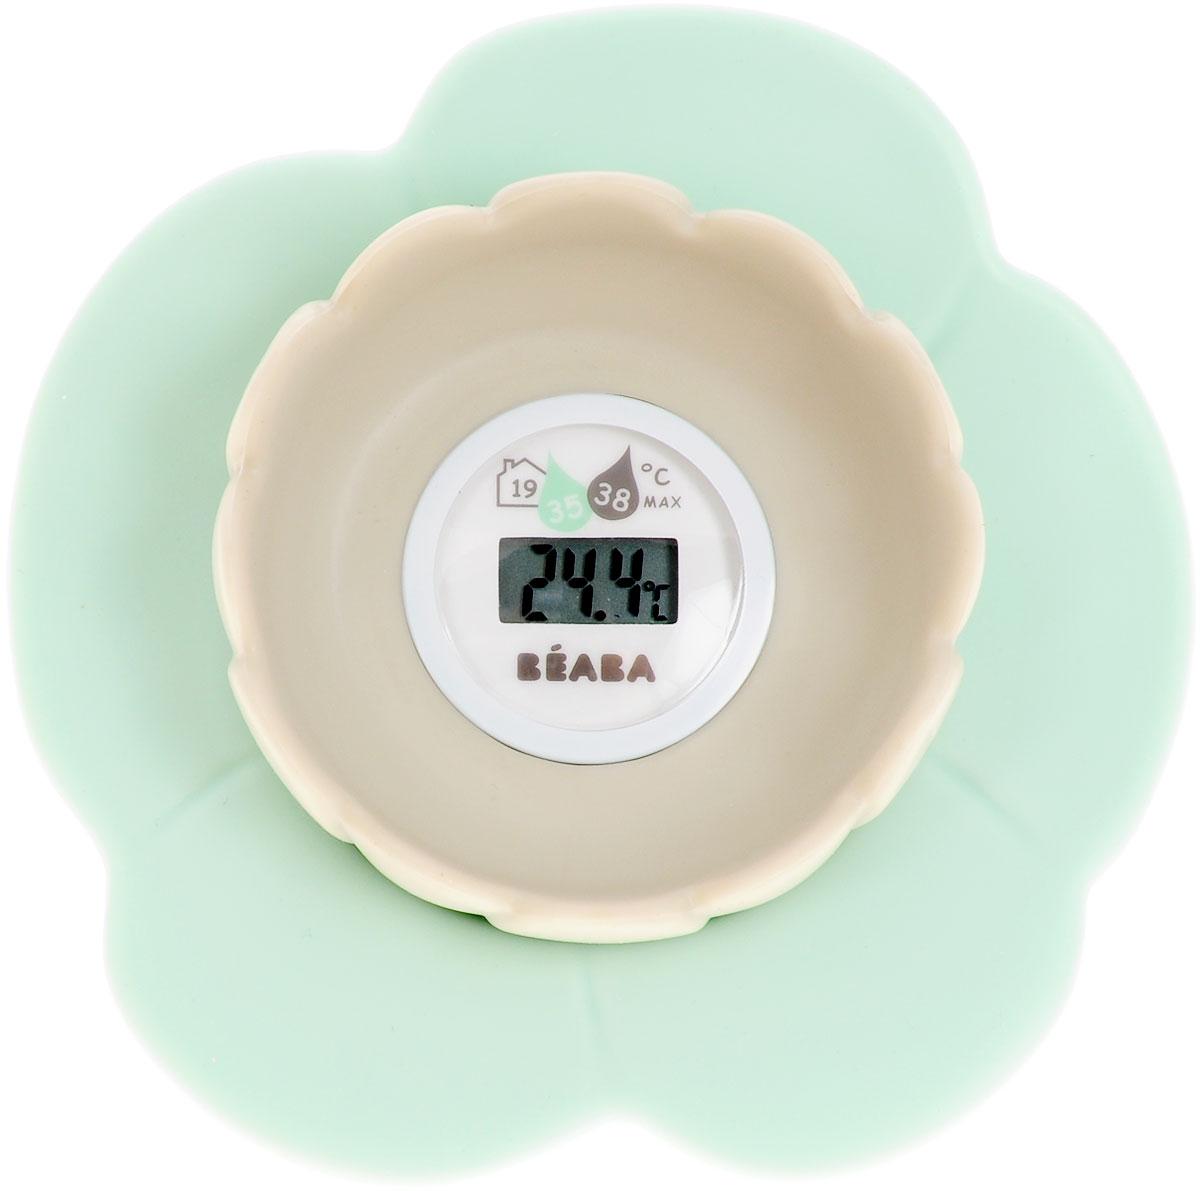 """Цифровой электронный термометр для ванны Bebaba """"Lotus"""" позволяет определить температуру воды, обеспечивающую комфортное купание ребенка. Термометр, выполненный в виде цветка лотоса, показывает точную температуру воды в ванне и температуру воздуха в помещении. Дизайн термометра позволяет ему с легкостью держаться на воде. Такой термометр станет незаменимым помощником для заботливых родителей, а также он послужит прекрасной игрушкой для малыша во время купания. Рекомендуется докупить 1 батарейку типа CR2032 (товар комплектуется демонстрационной)."""